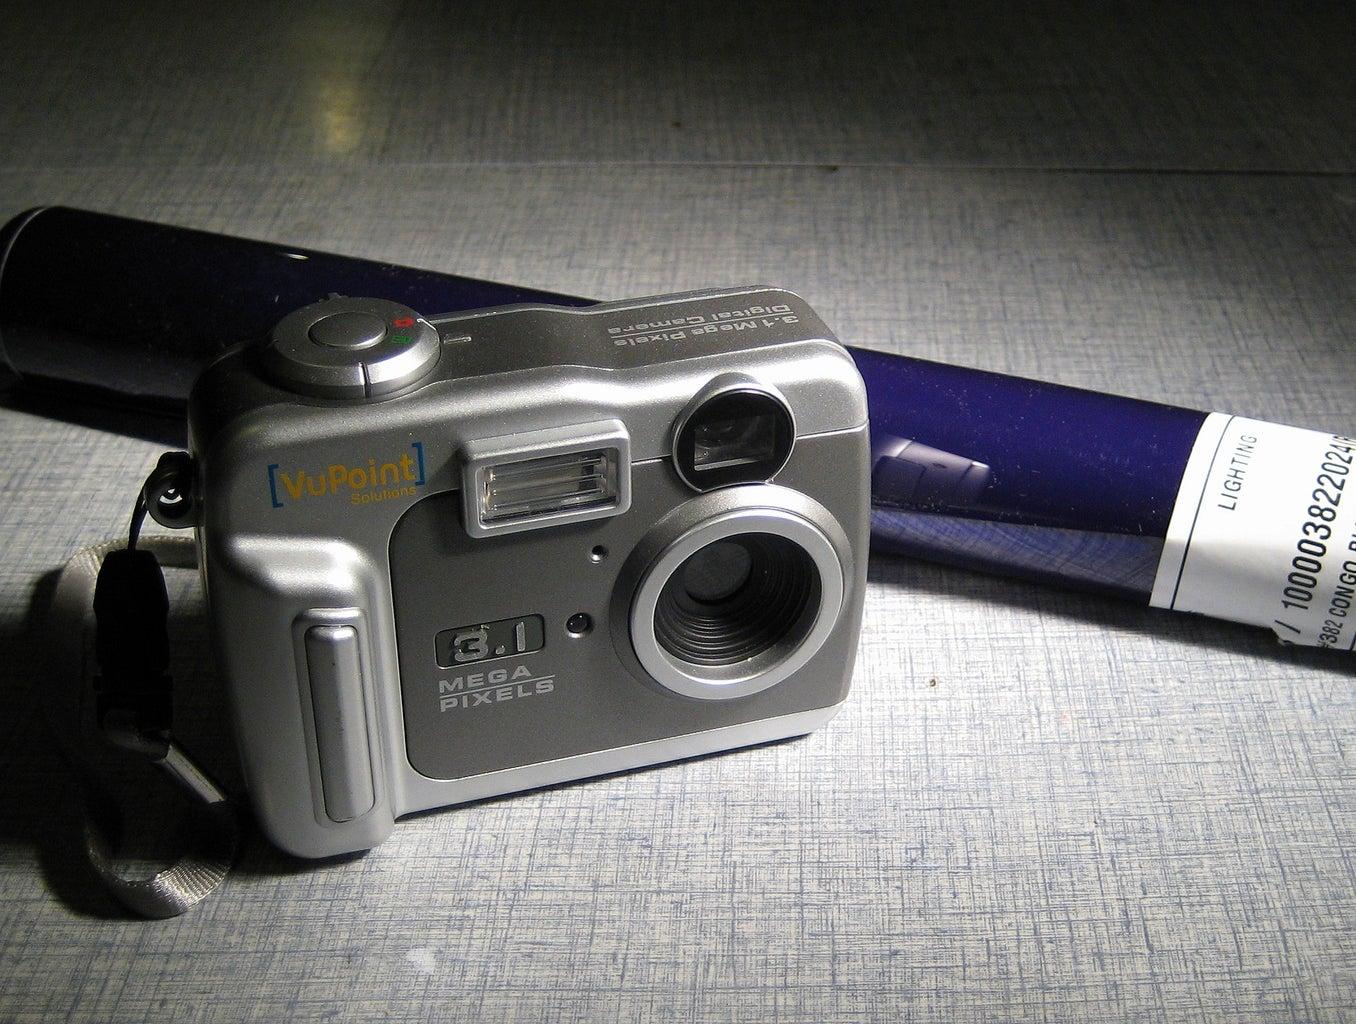 Get Yourself a Crappy Digital Camera